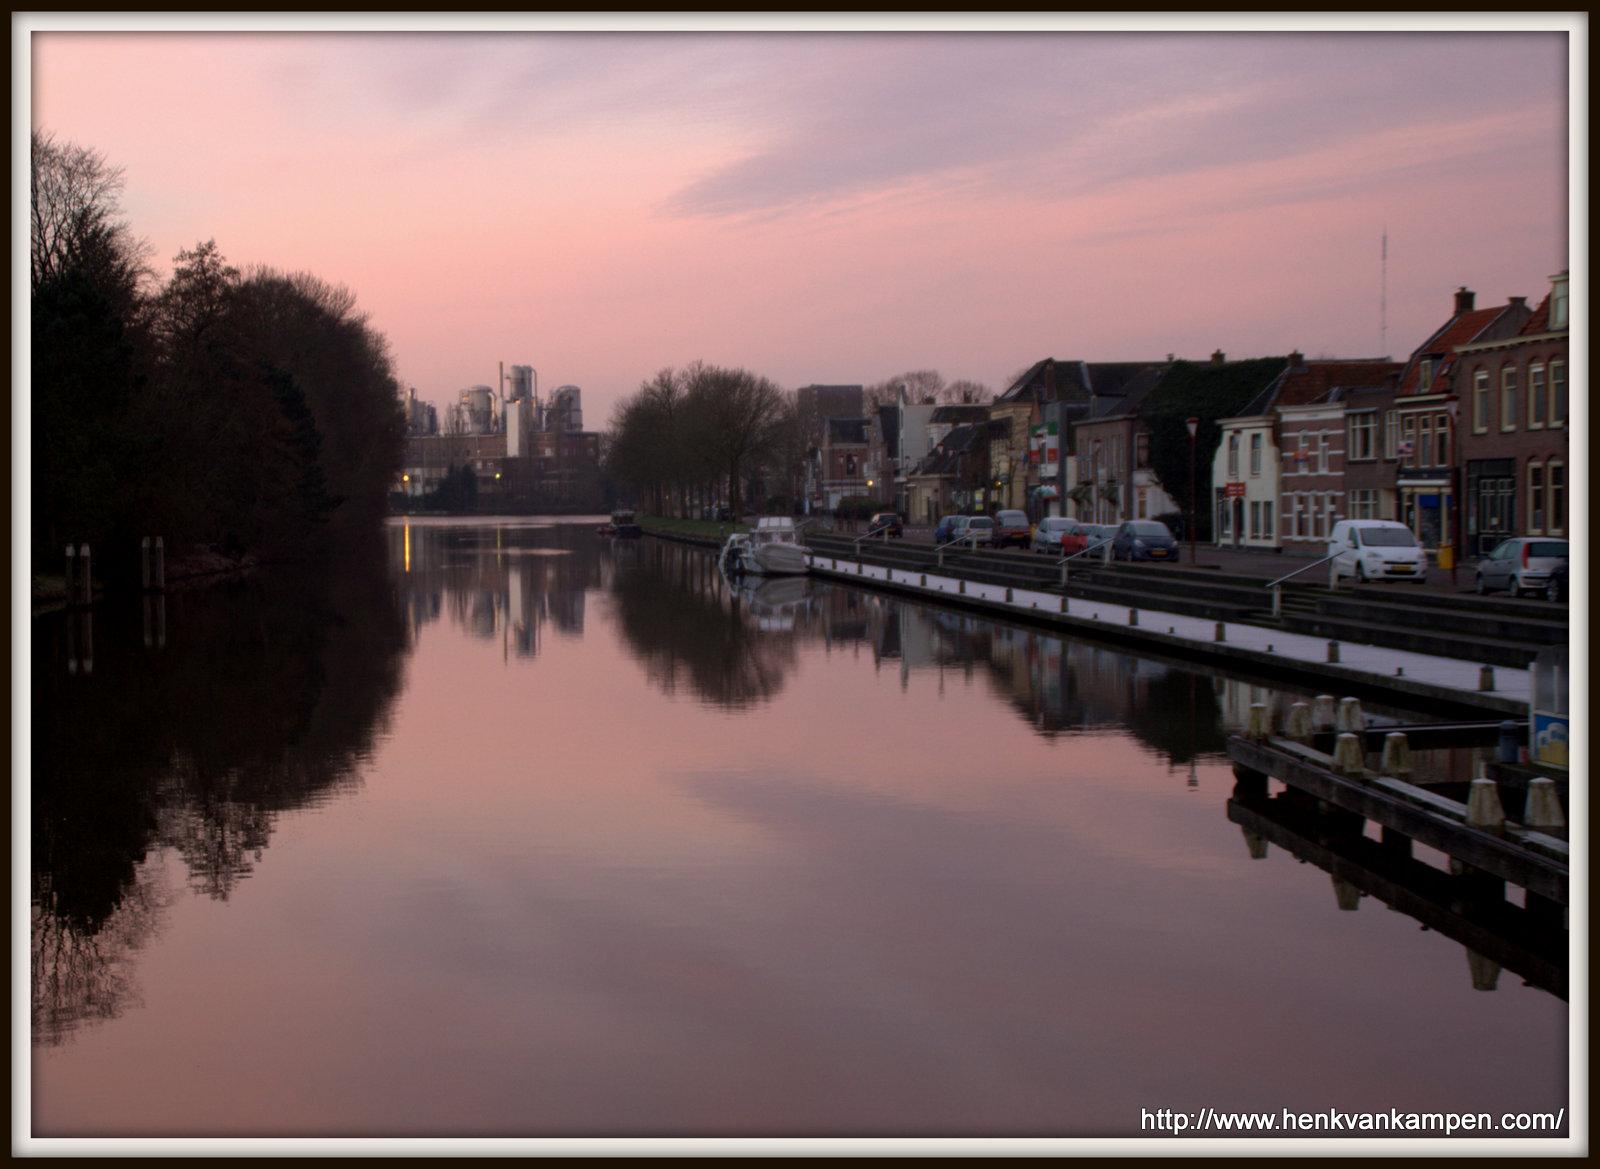 Het Merwedekanaal in Nieuwegein bij zonsopkomst